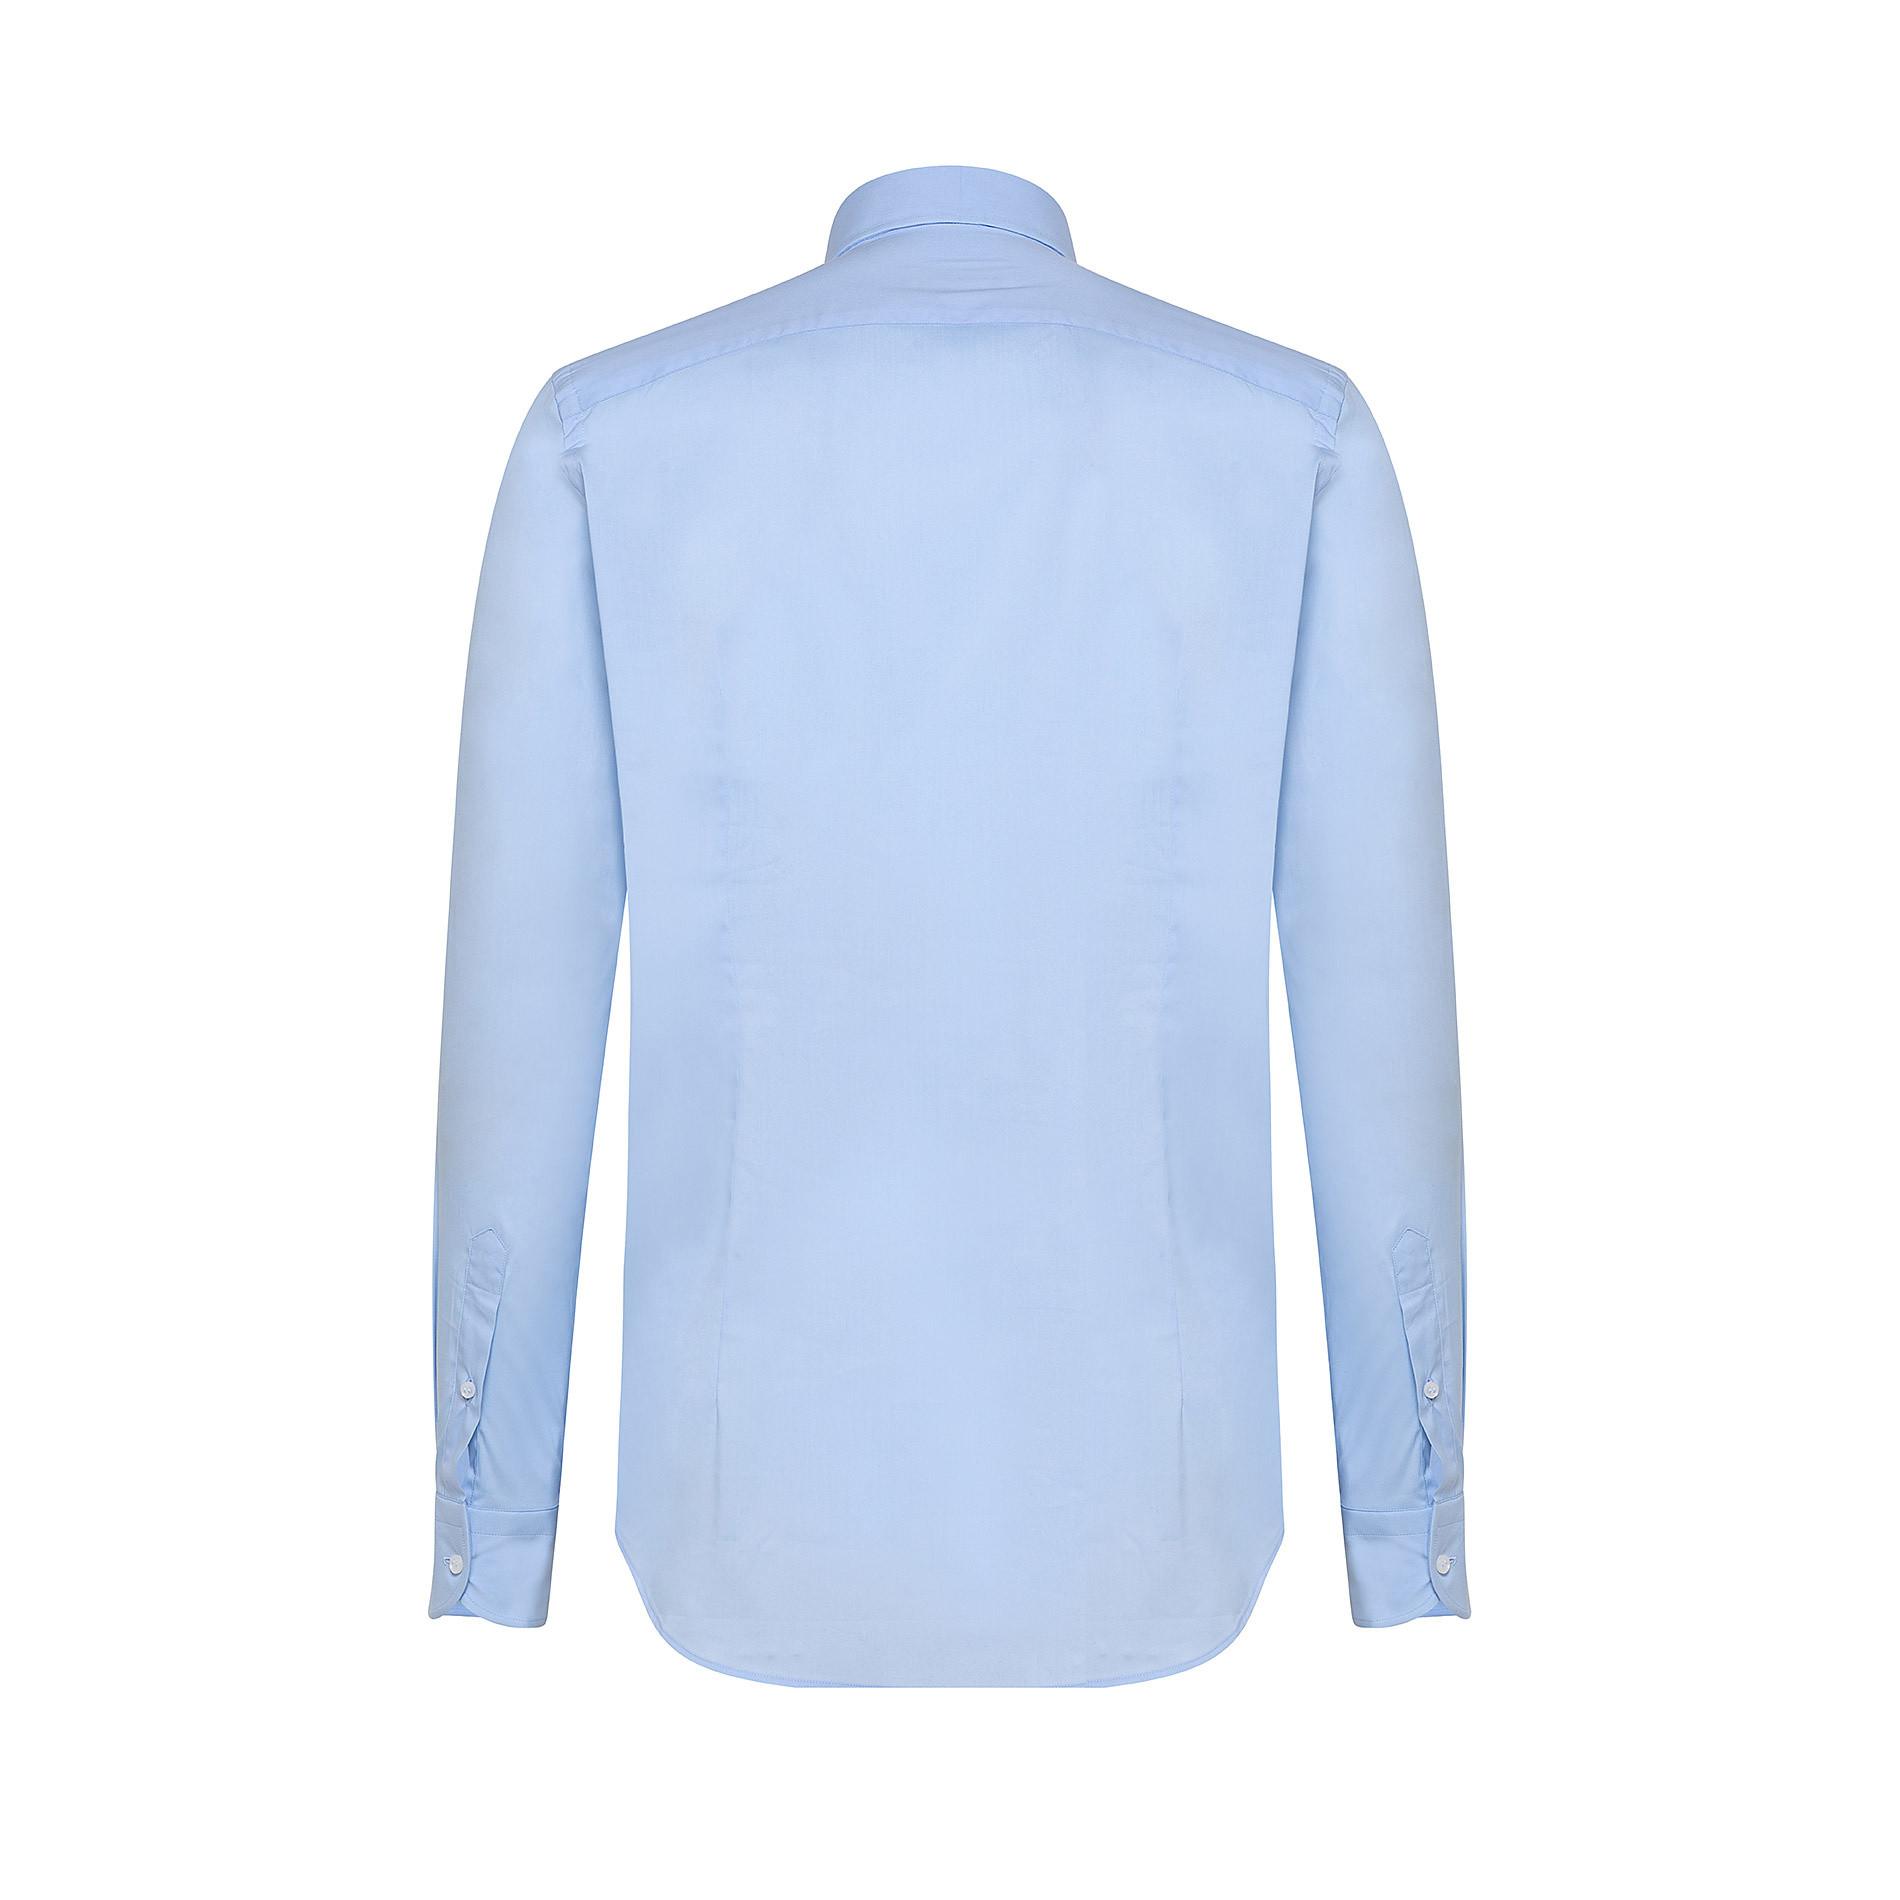 Camicia button-down popeline di cotone, Azzurro, large image number 1